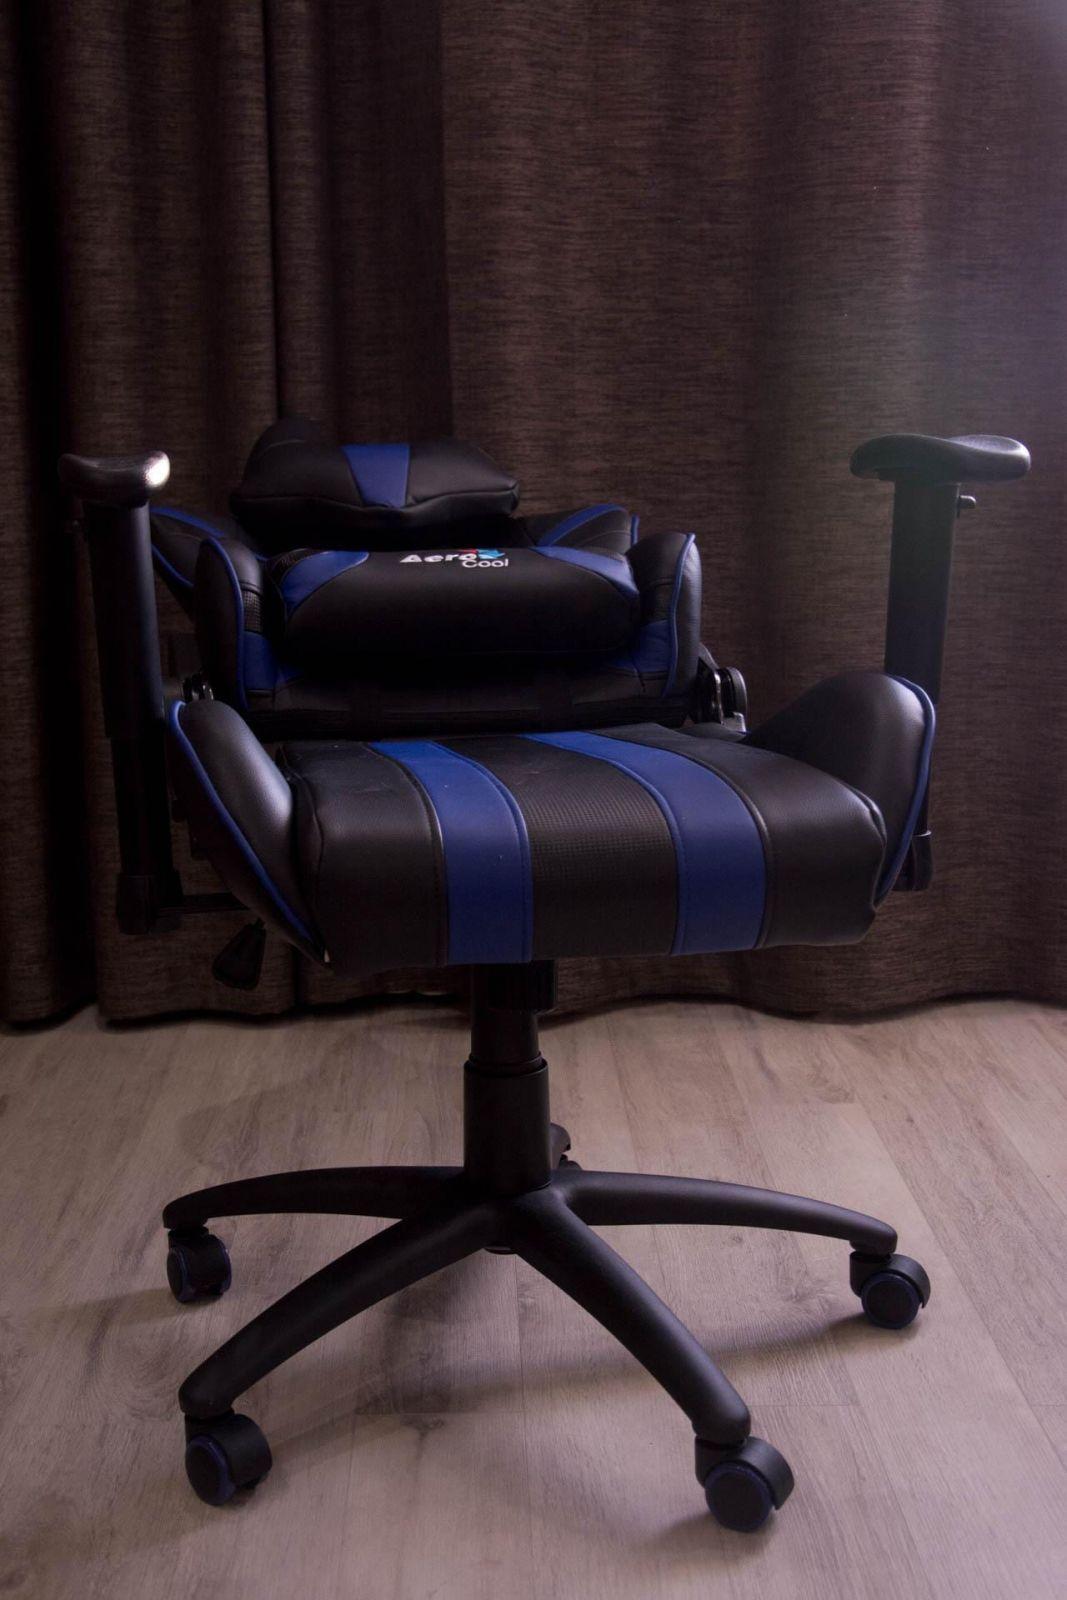 Геймерский трон. Обзор кресла AeroCool AC120 (DSC 4029)